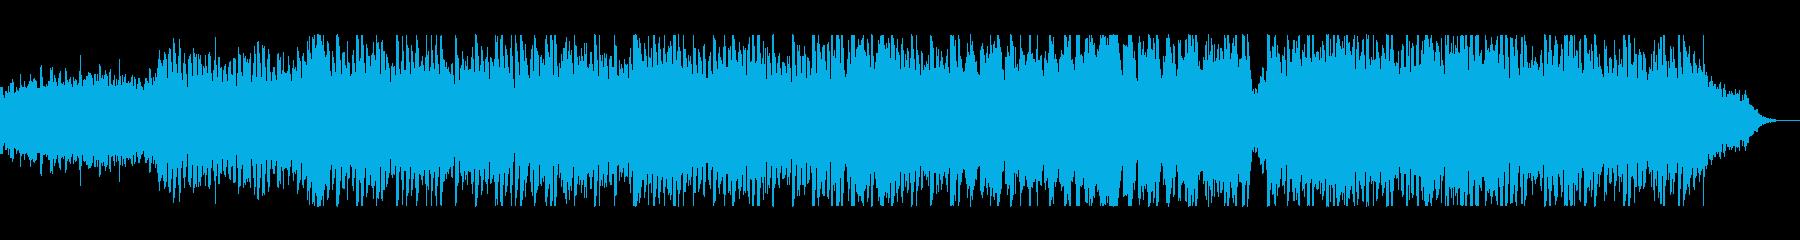 さわやかで広がりのあるストリングス曲の再生済みの波形